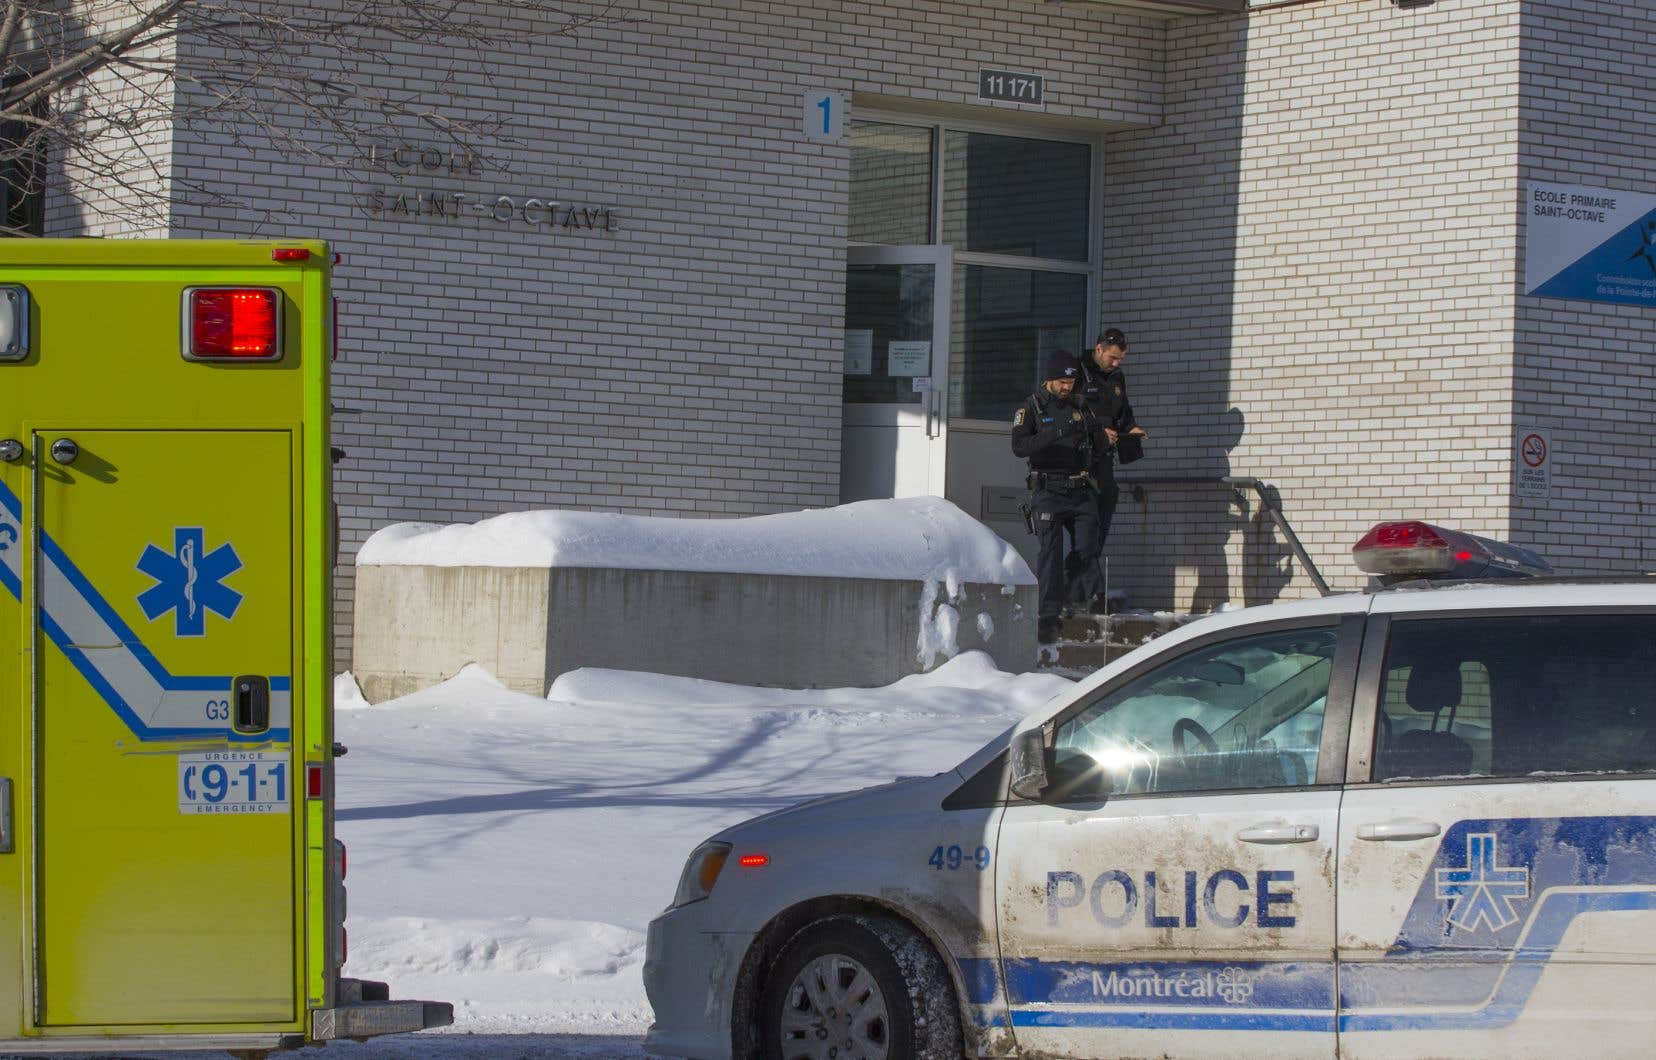 Une vingtaine d'enfants de l'école Saint-Octave se sont plaints de nausées et de maux de tête.